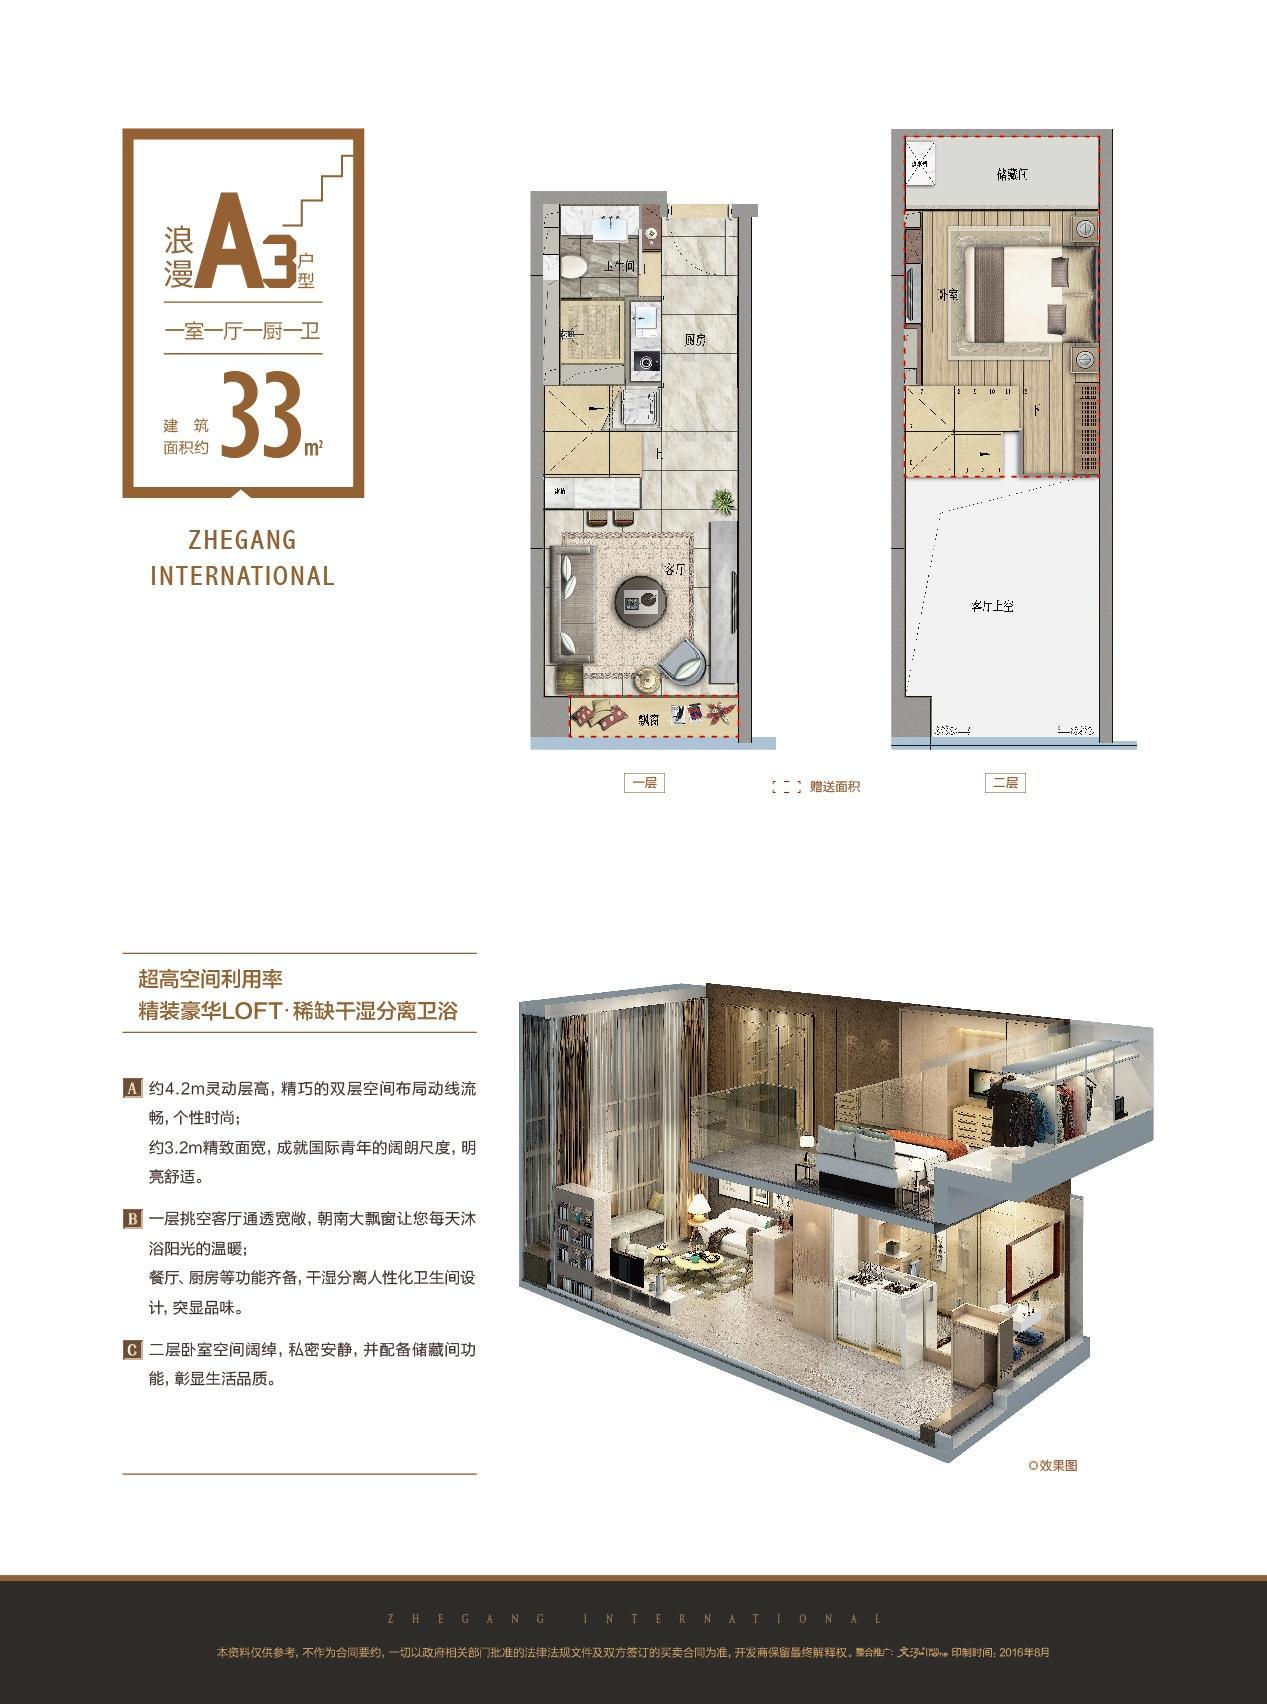 浙港国际A3户型33方一室一厅一厨一卫